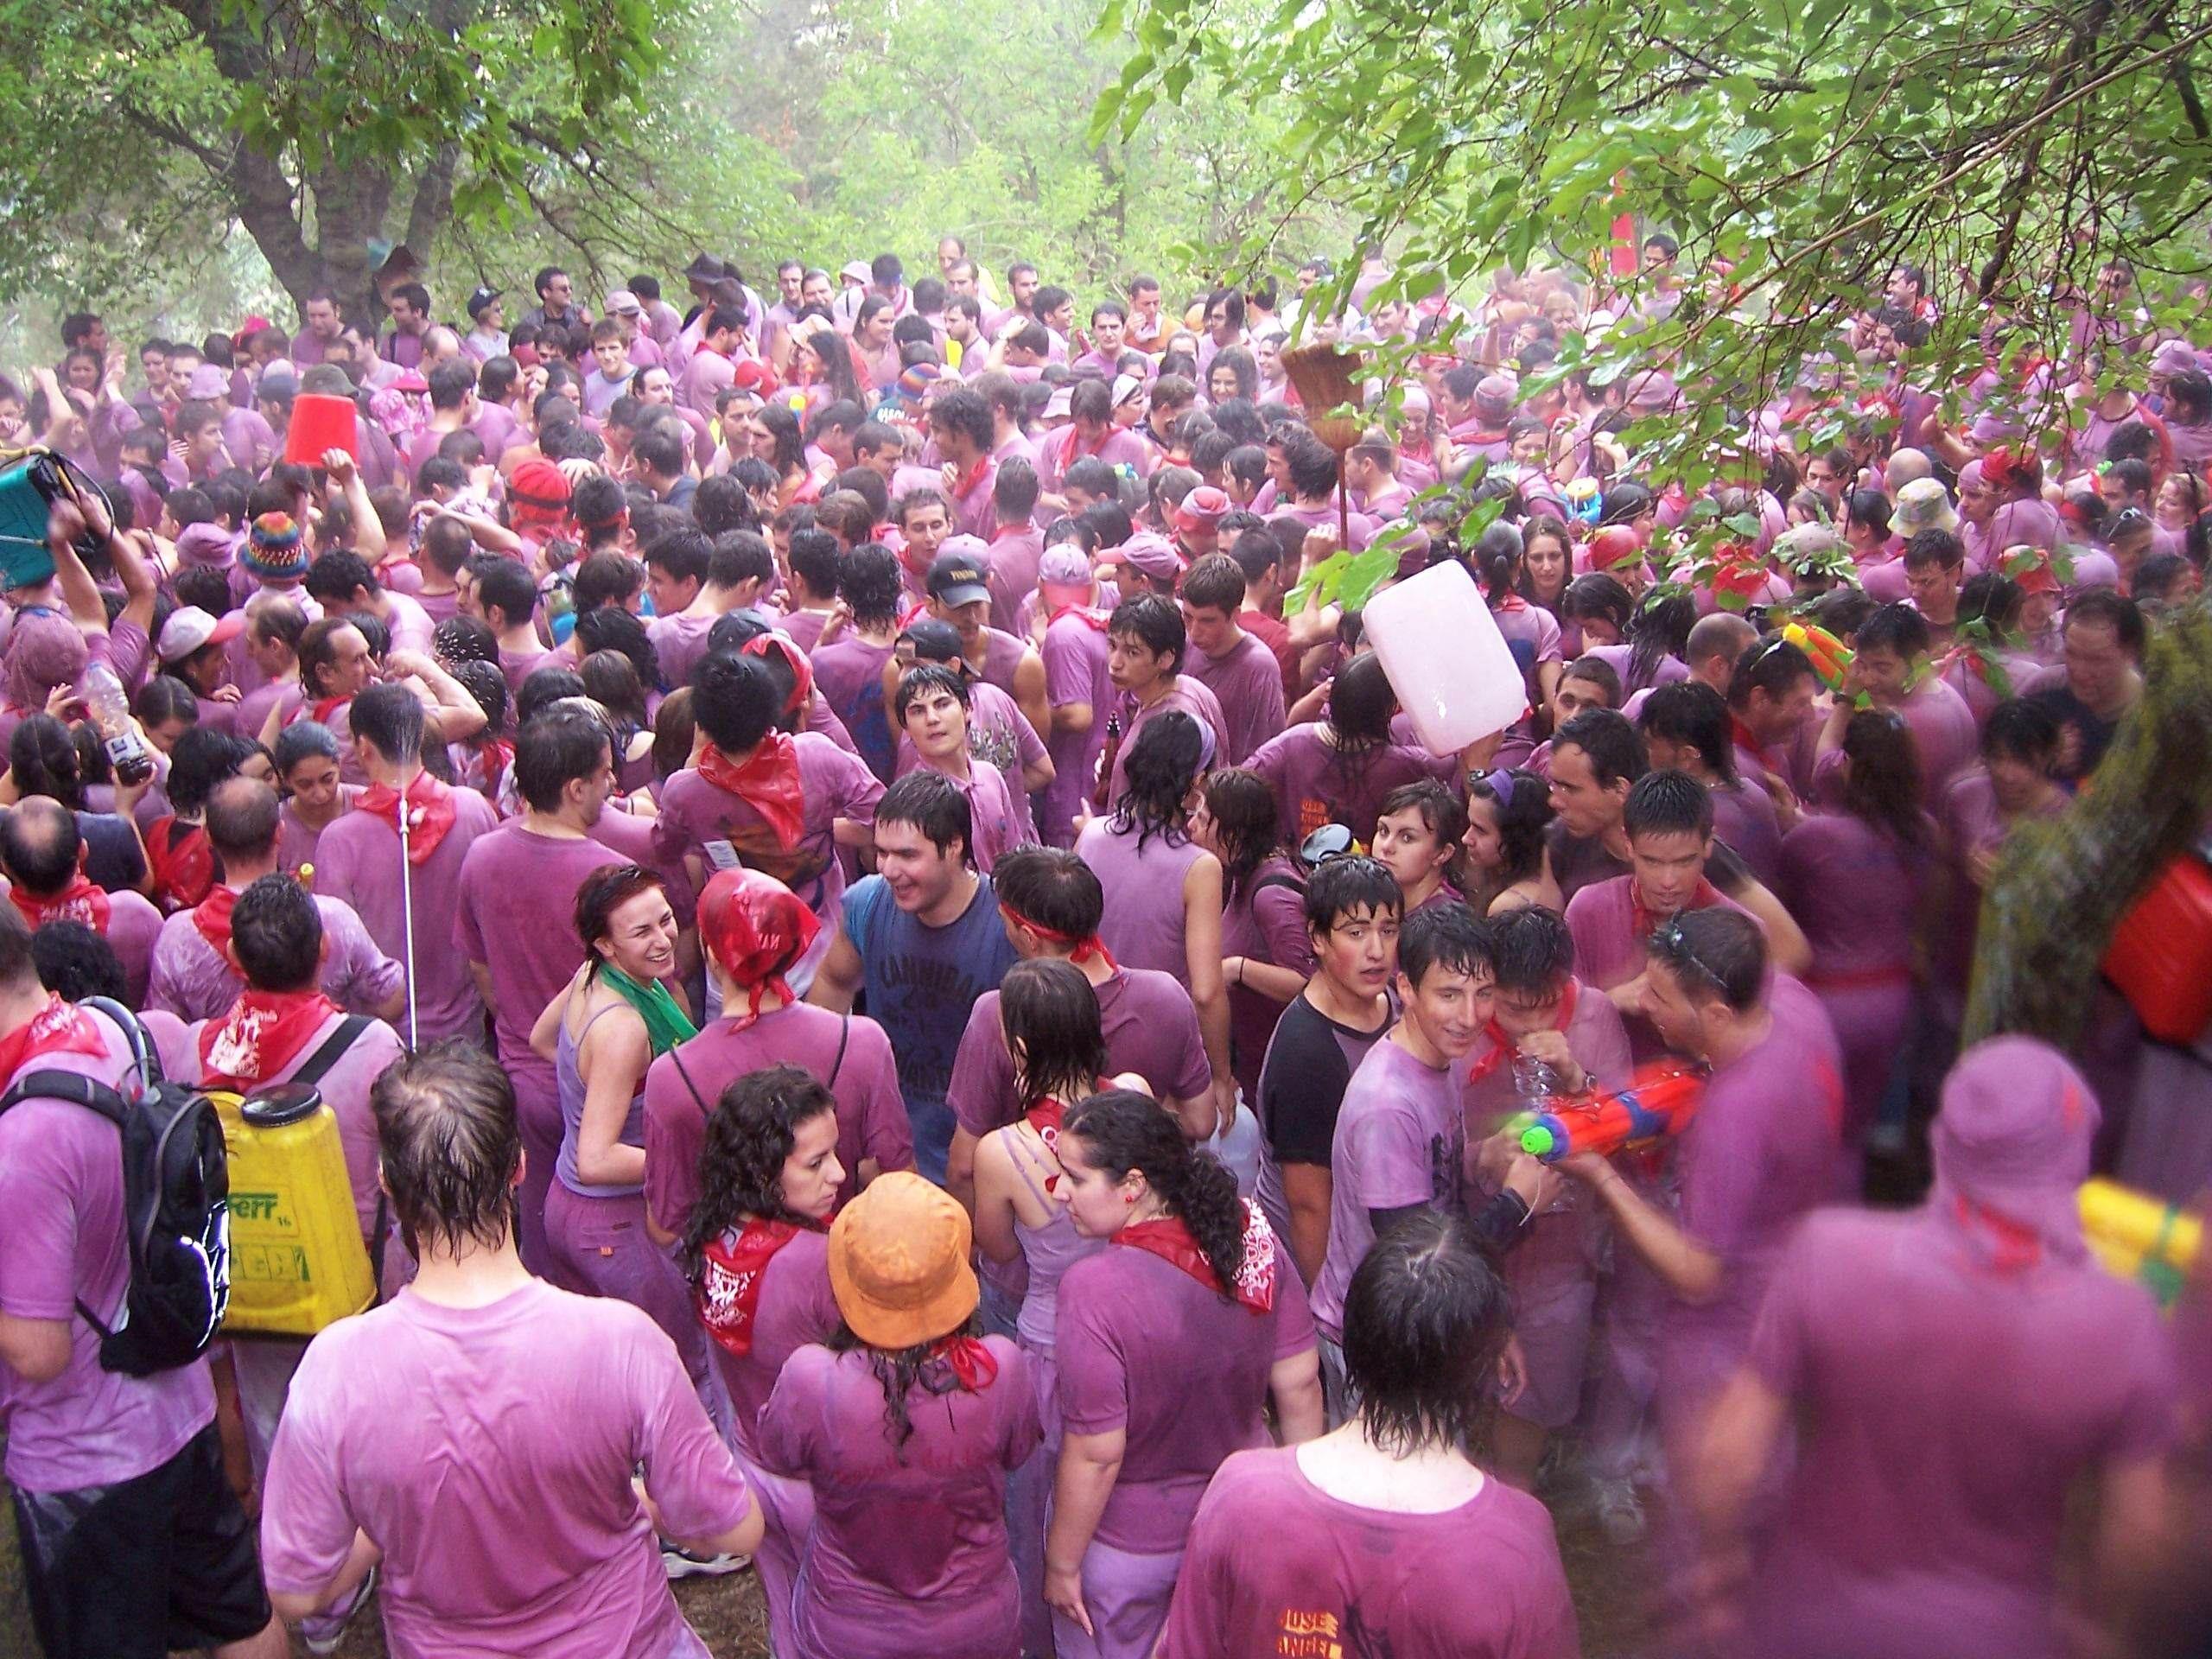 Batalla del vino en la ciudad de Haro, La Rioja, España (29 de junio).